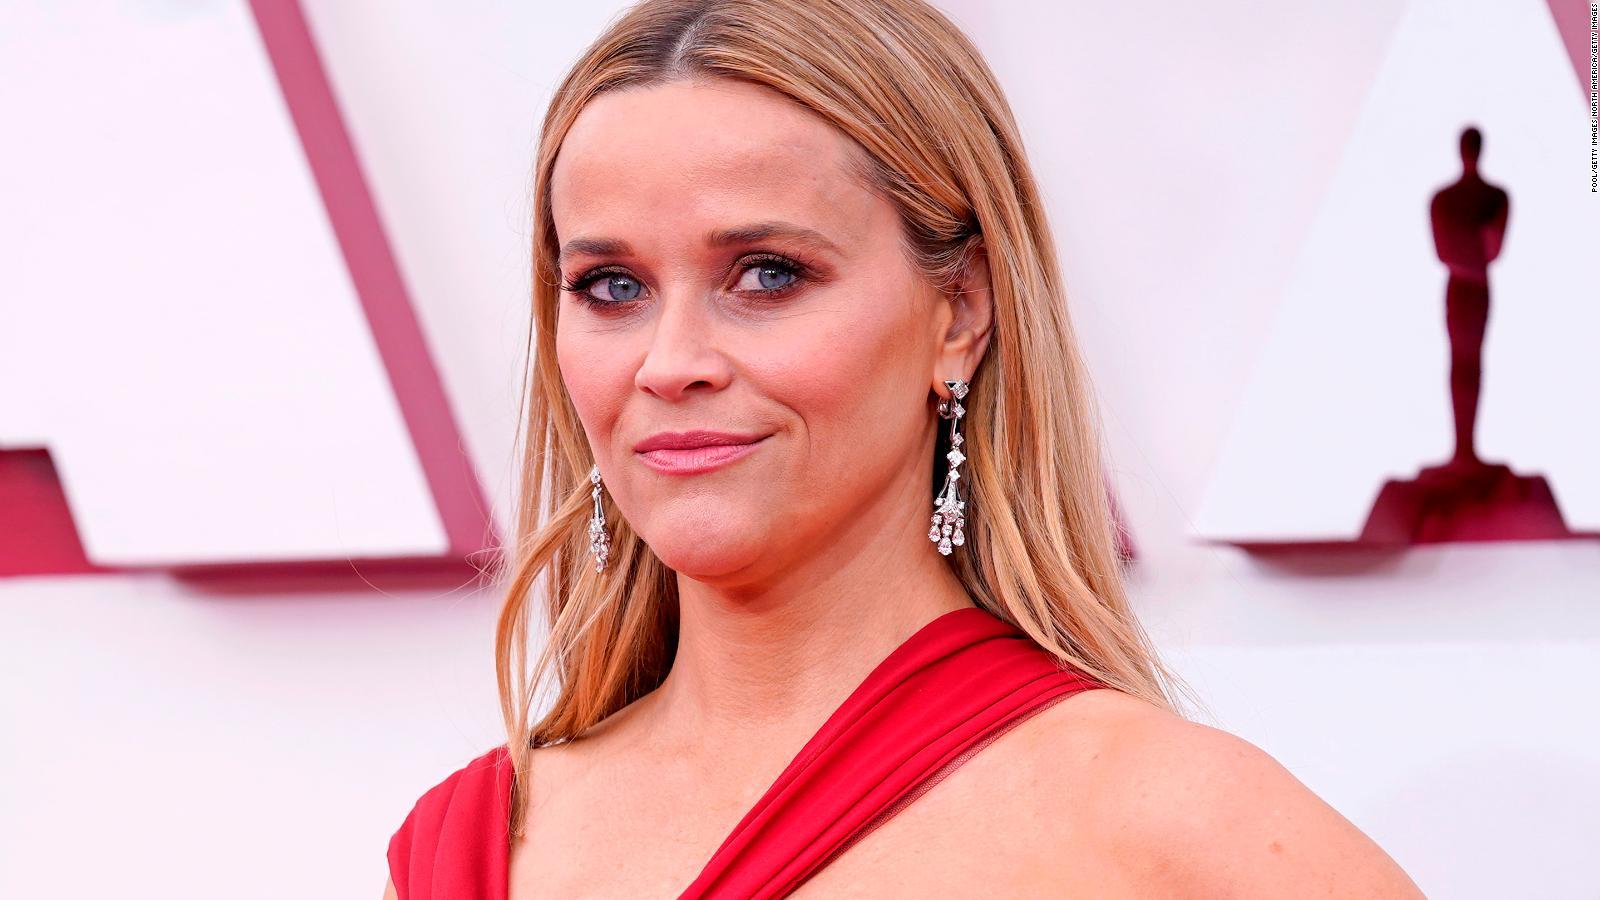 Reese Witherspoon vende su empresa Hello Sunshine y es tendencia